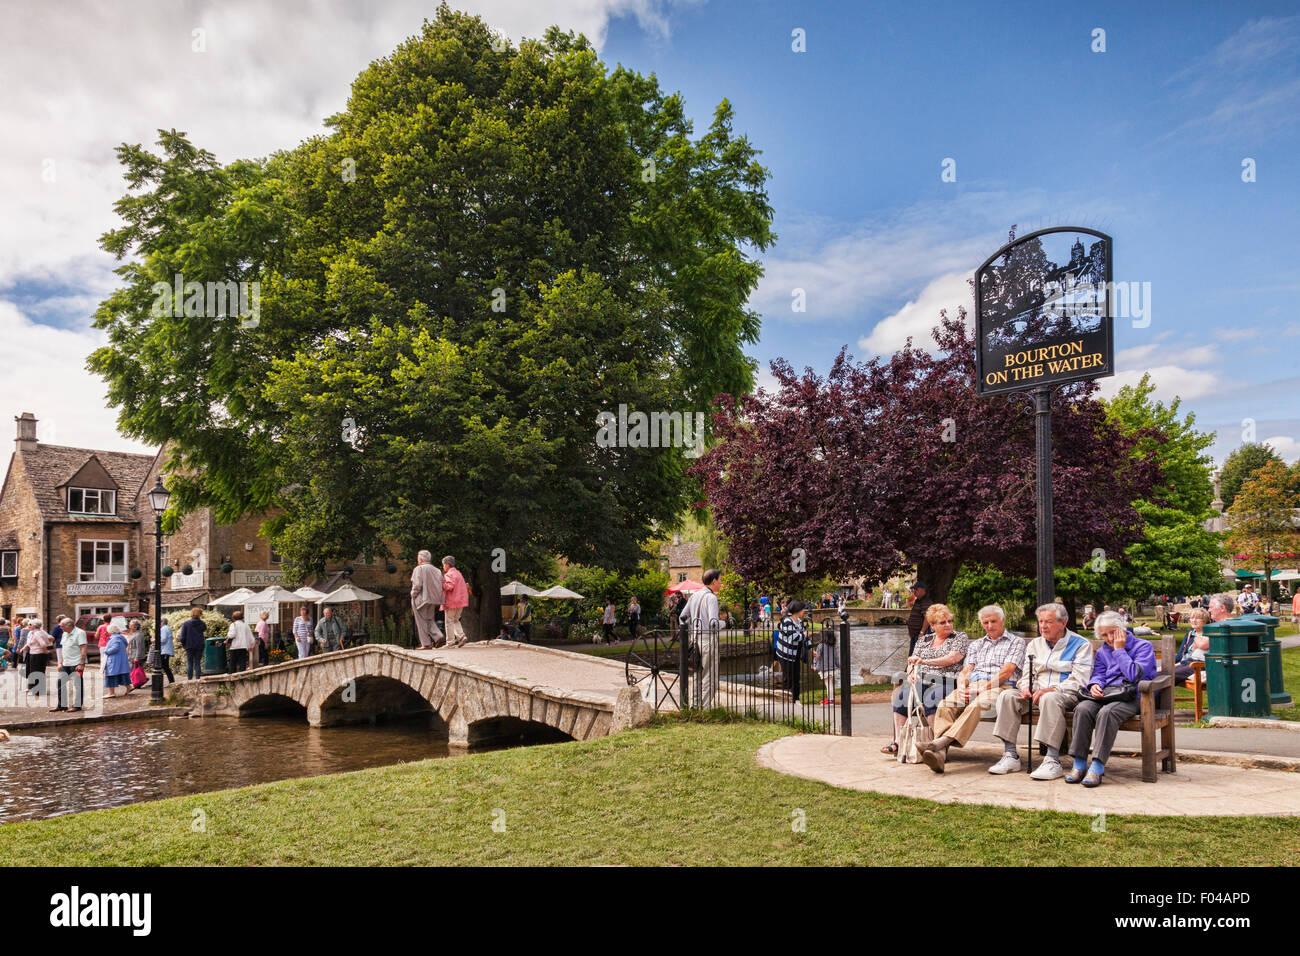 Los turistas disfrutan de tarde de verano en la aldea de Cotswold Bourton-on-the-agua, Gloucestershire, Inglaterra. Foto de stock